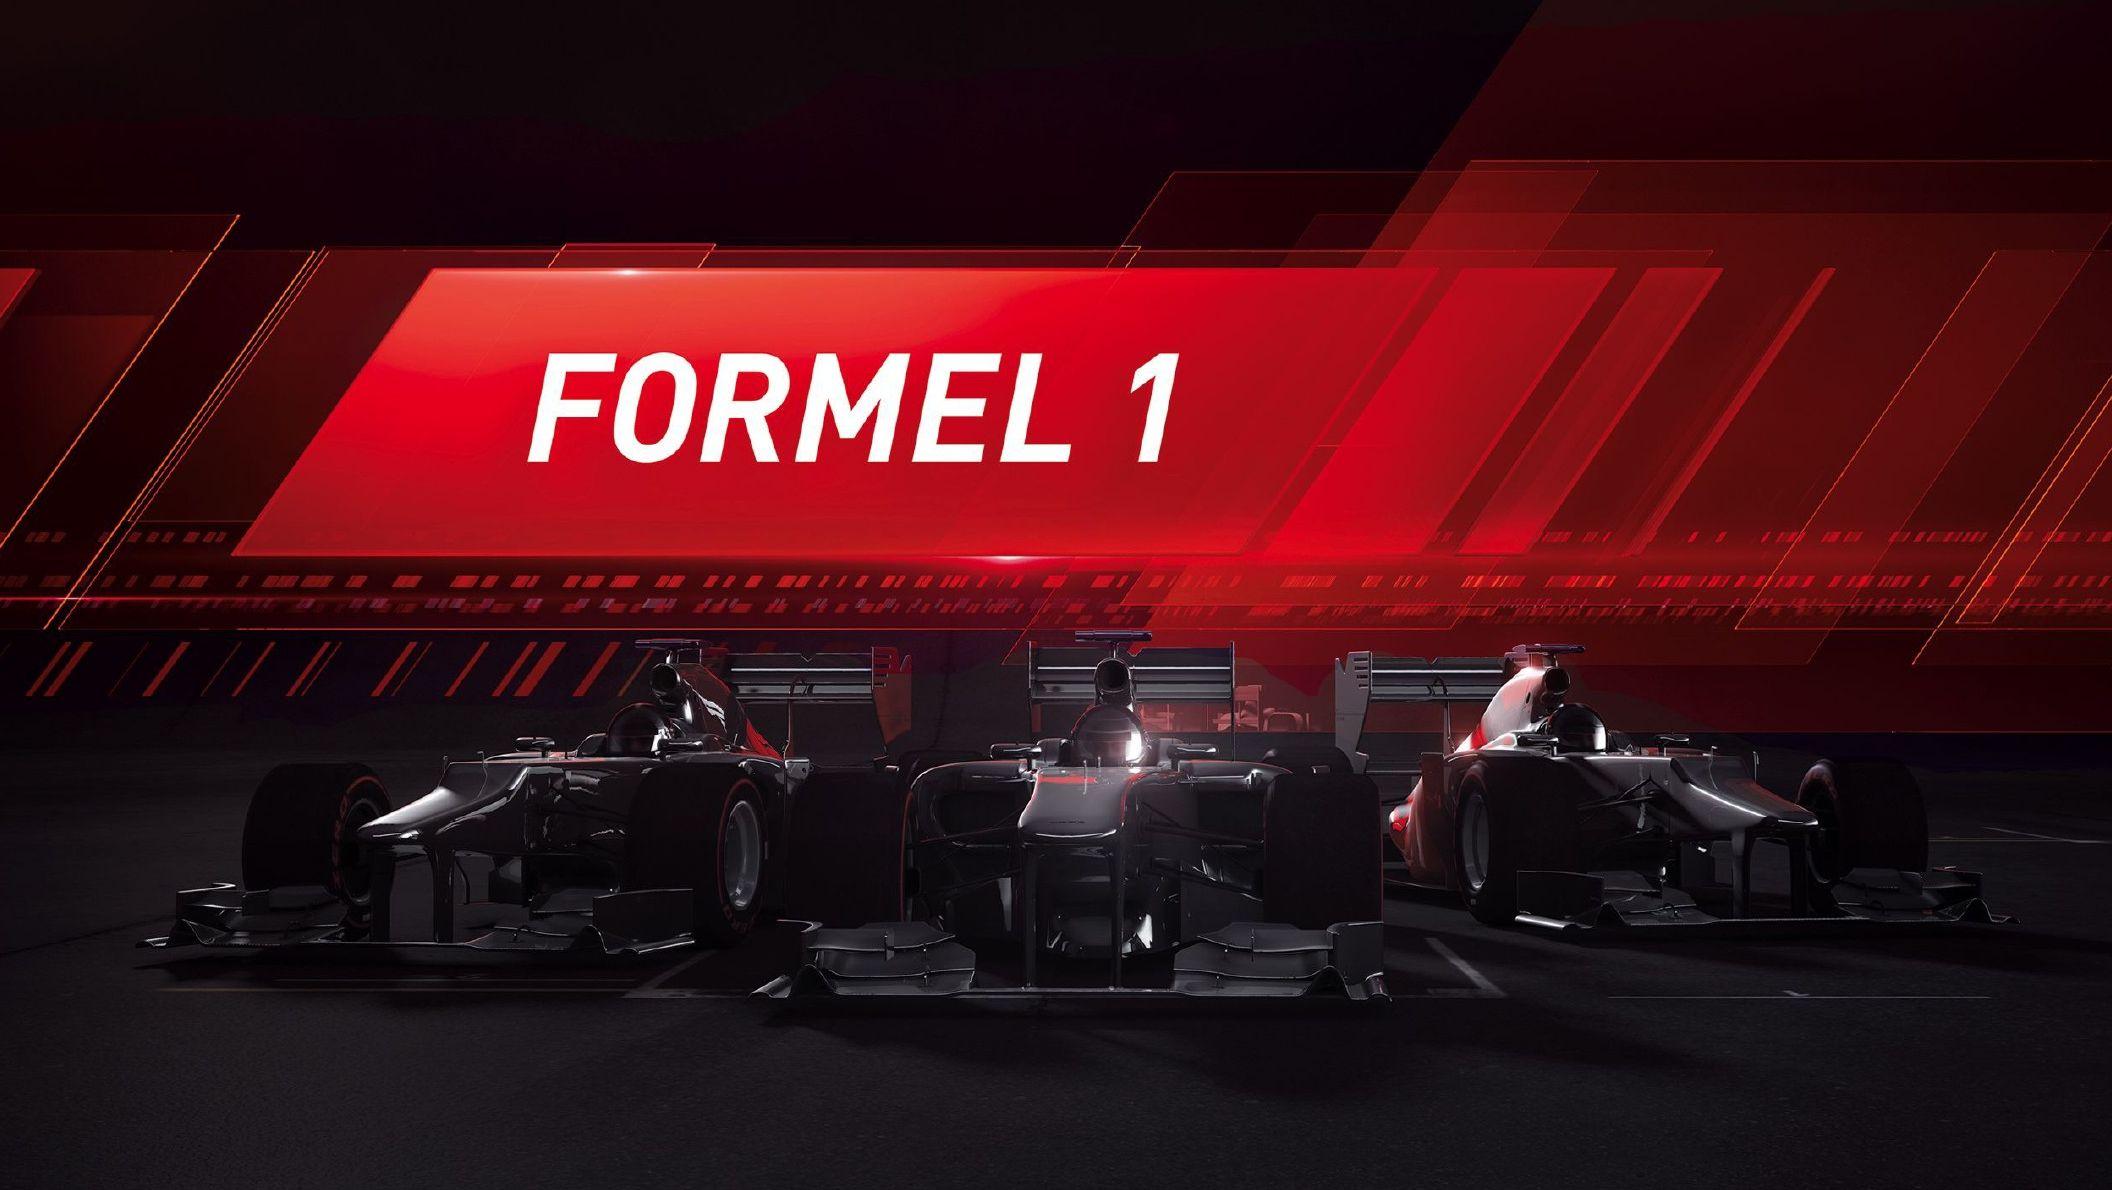 Rtl Formel 1 übertragung